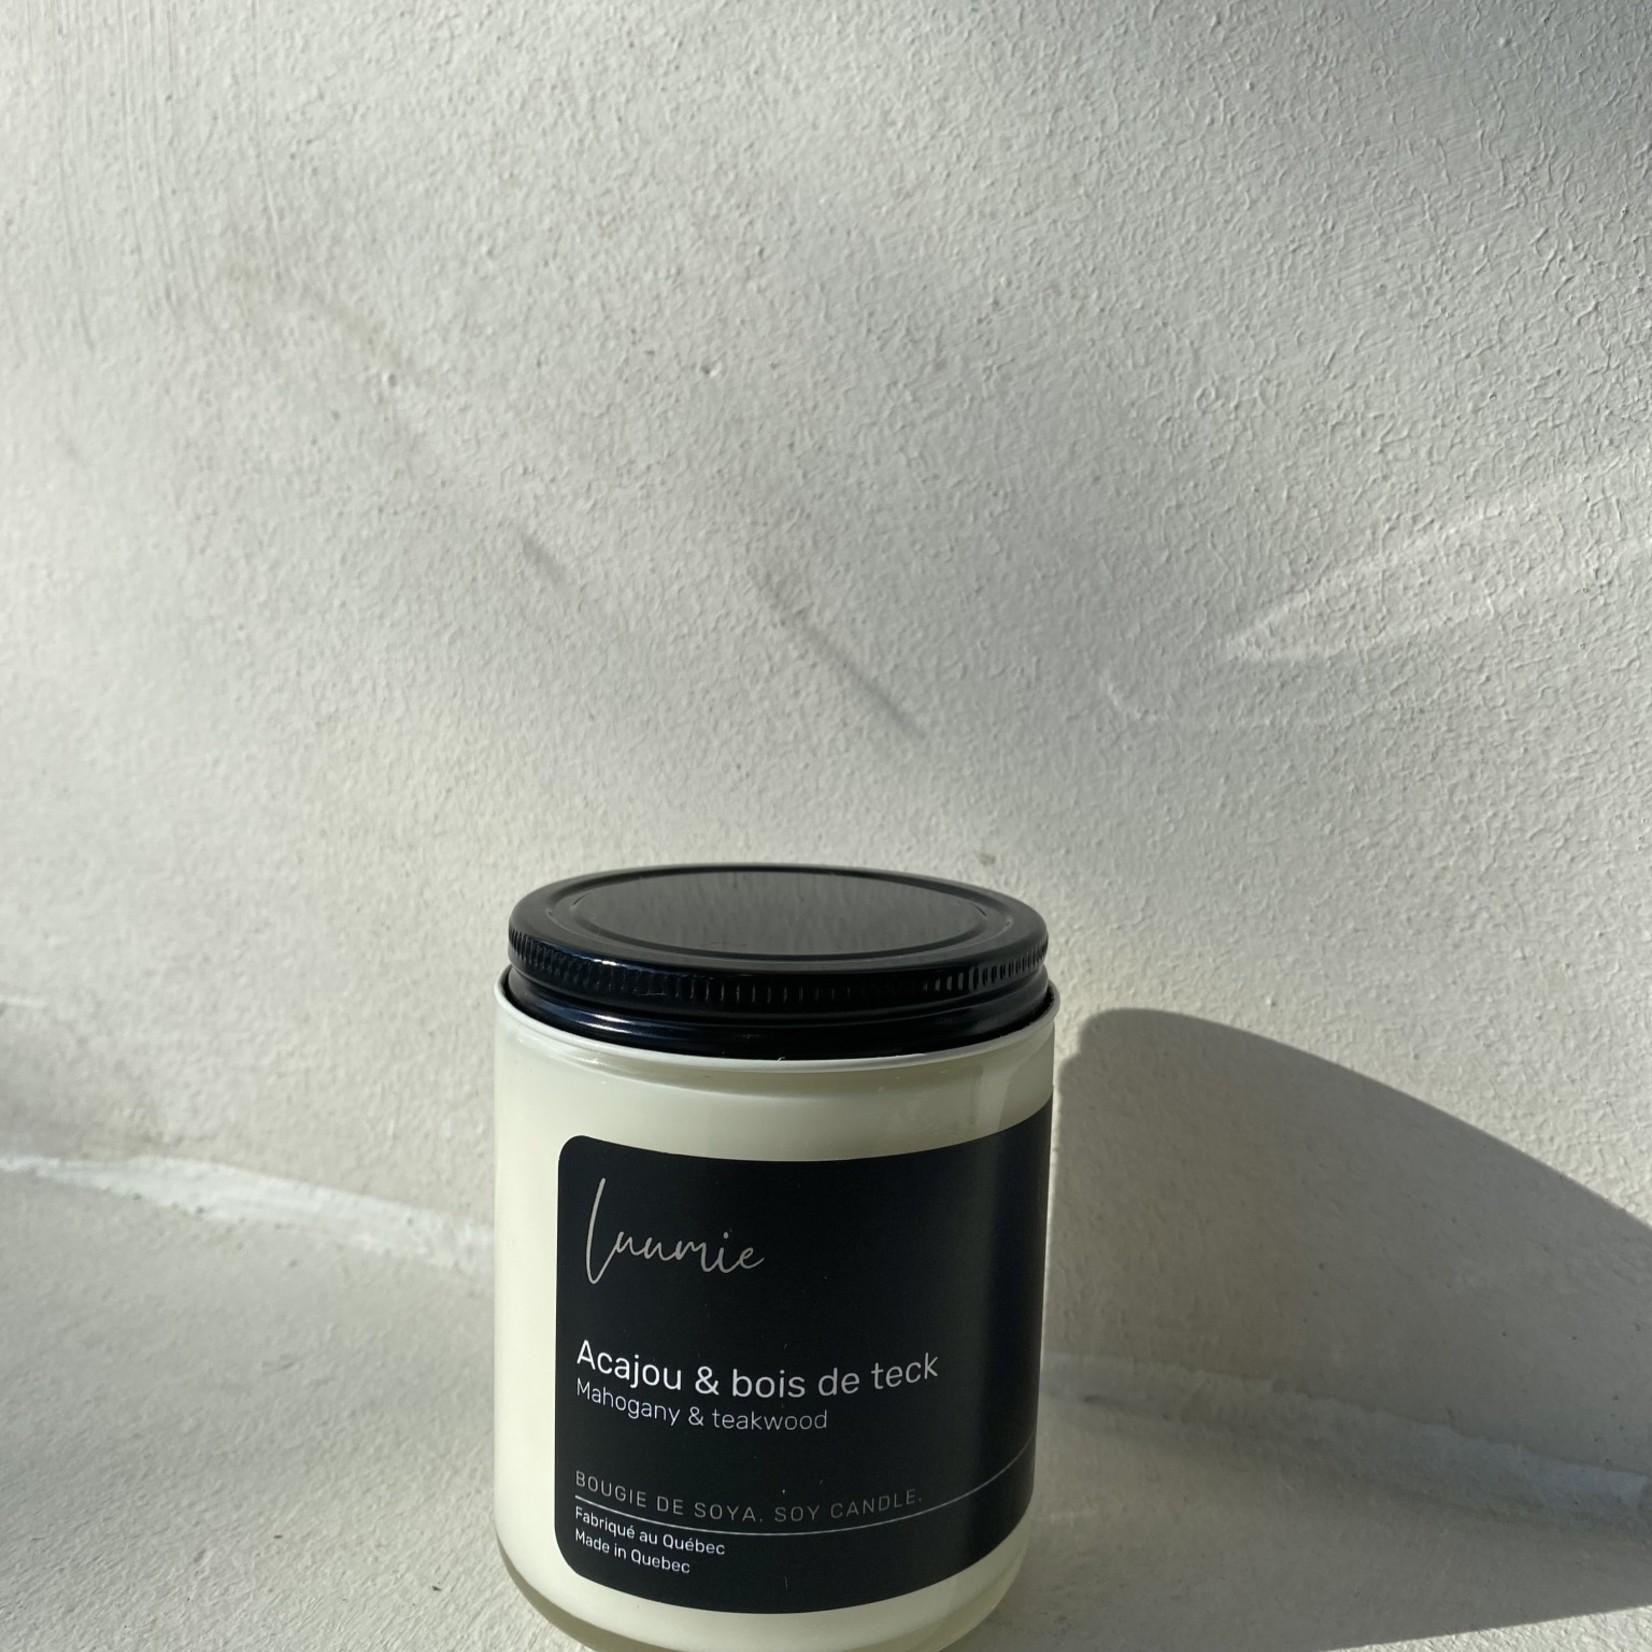 Luumie Chandelle Acajou & Bois de teck